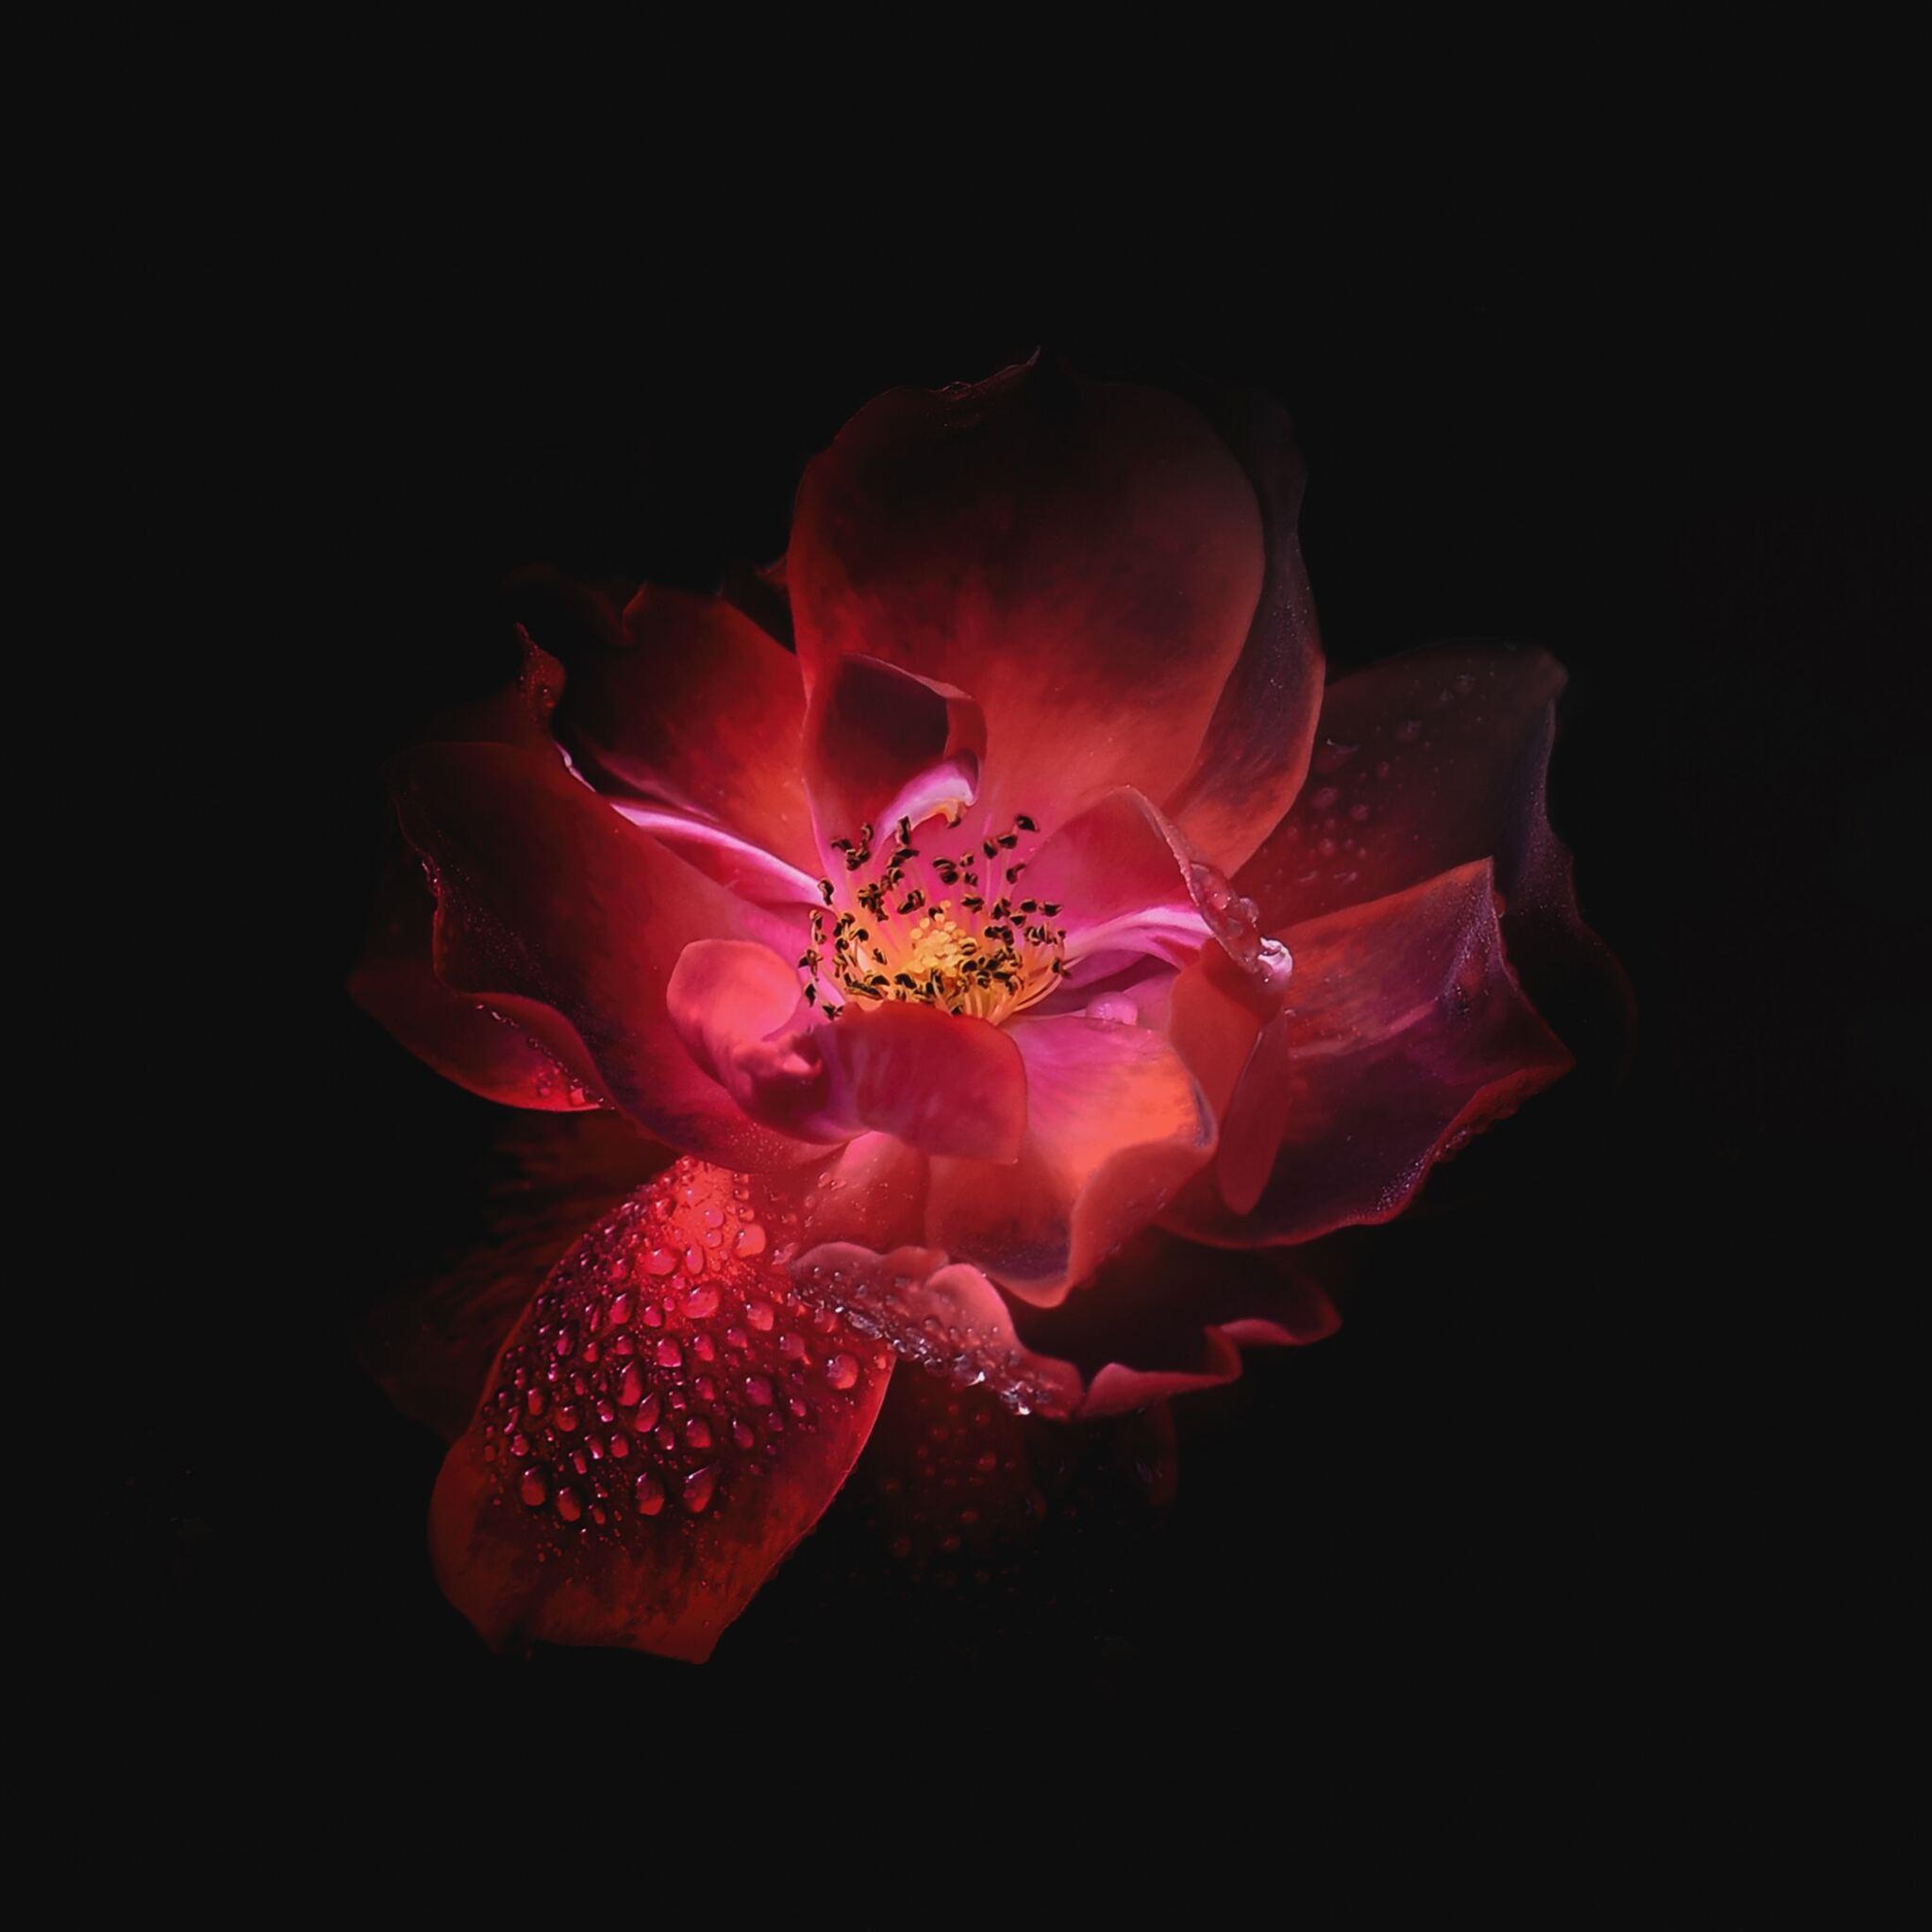 dewdrop-on-floral-petal-oled-5k-tr.jpg